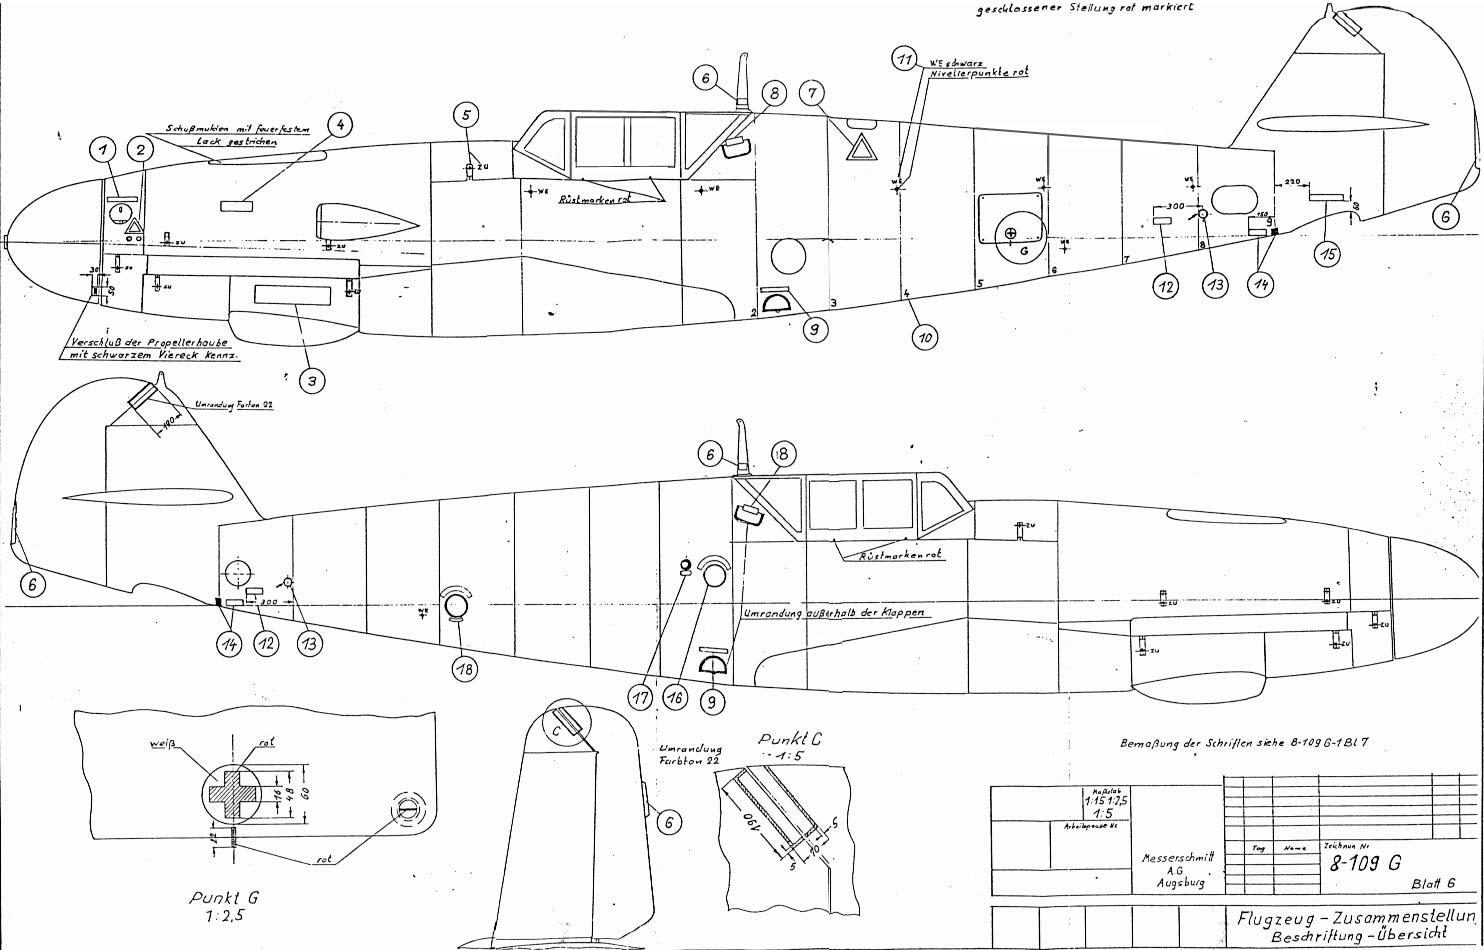 Messerschmitt 109 Improvements